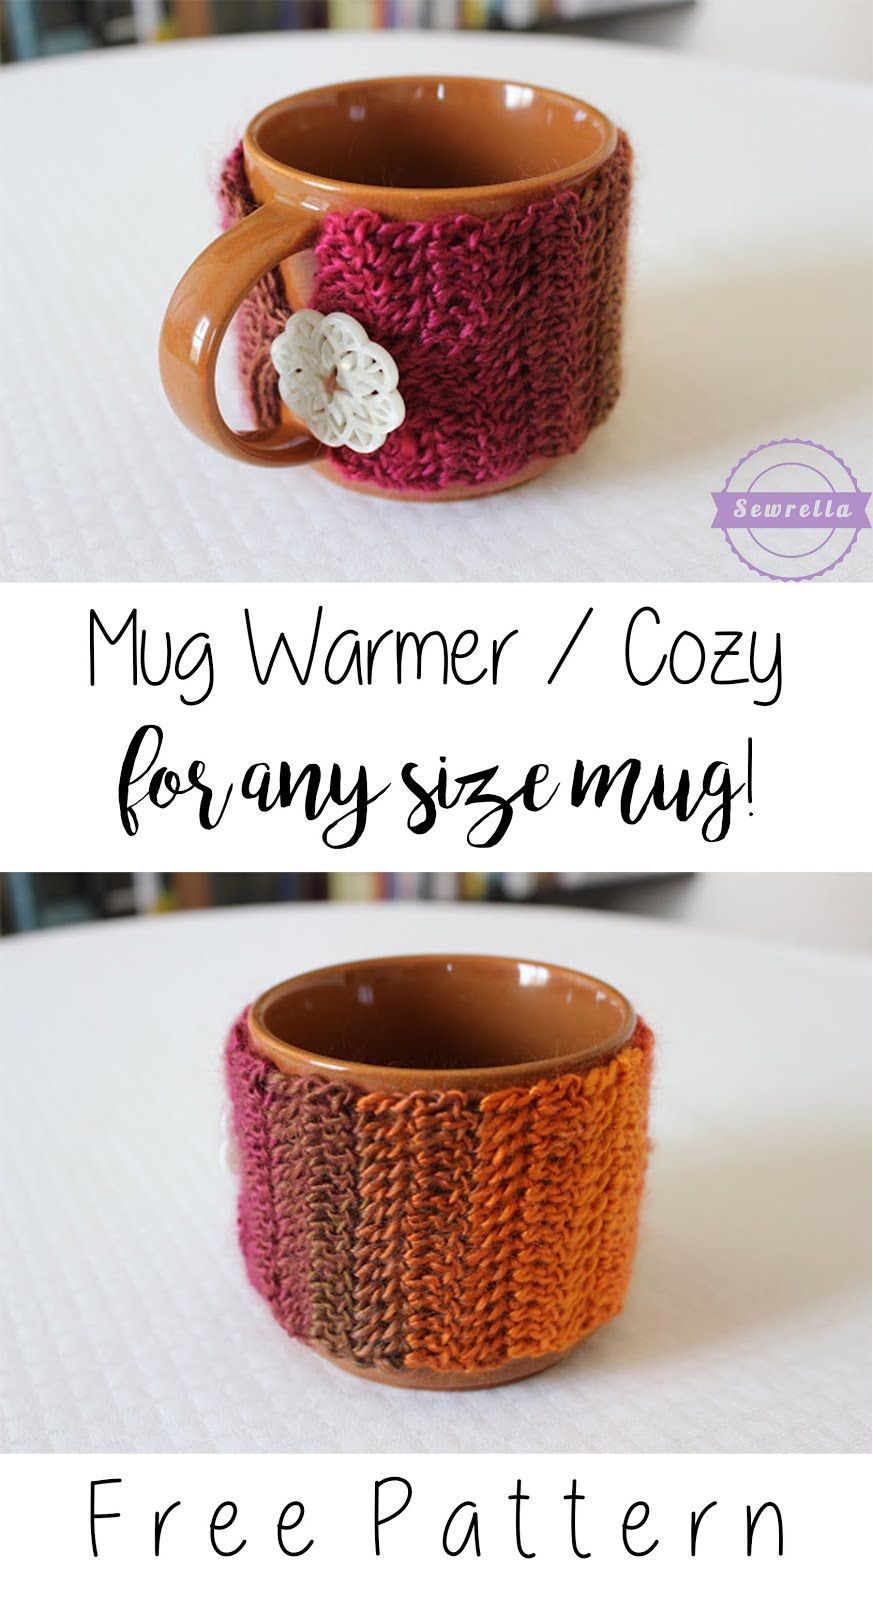 Crochet Mug Warmer/Cozy for ANY MUG | Patrones, Recetas y Cosas